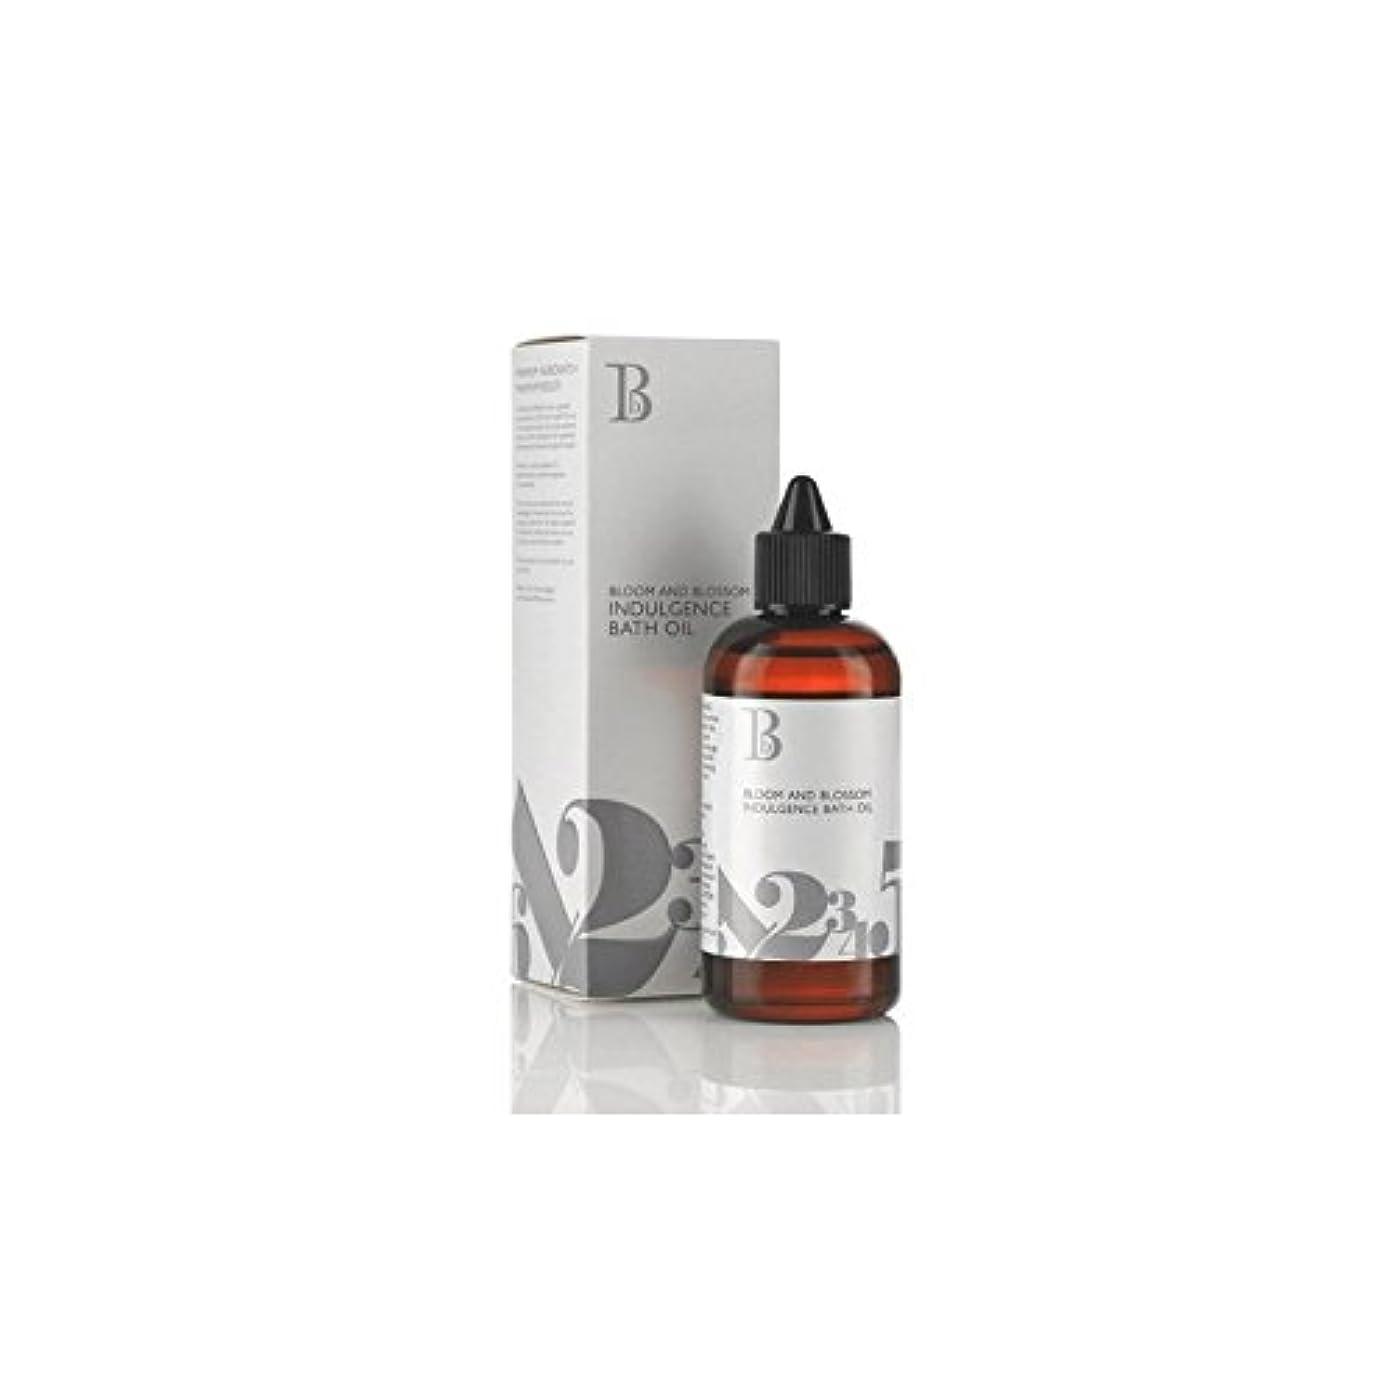 ブリードお手伝いさん松の木Bloom and Blossom Indulgence Bath Oil (100ml) (Pack of 6) - ブルーム、ブロッサム耽溺バスオイル(100ミリリットル) x6 [並行輸入品]